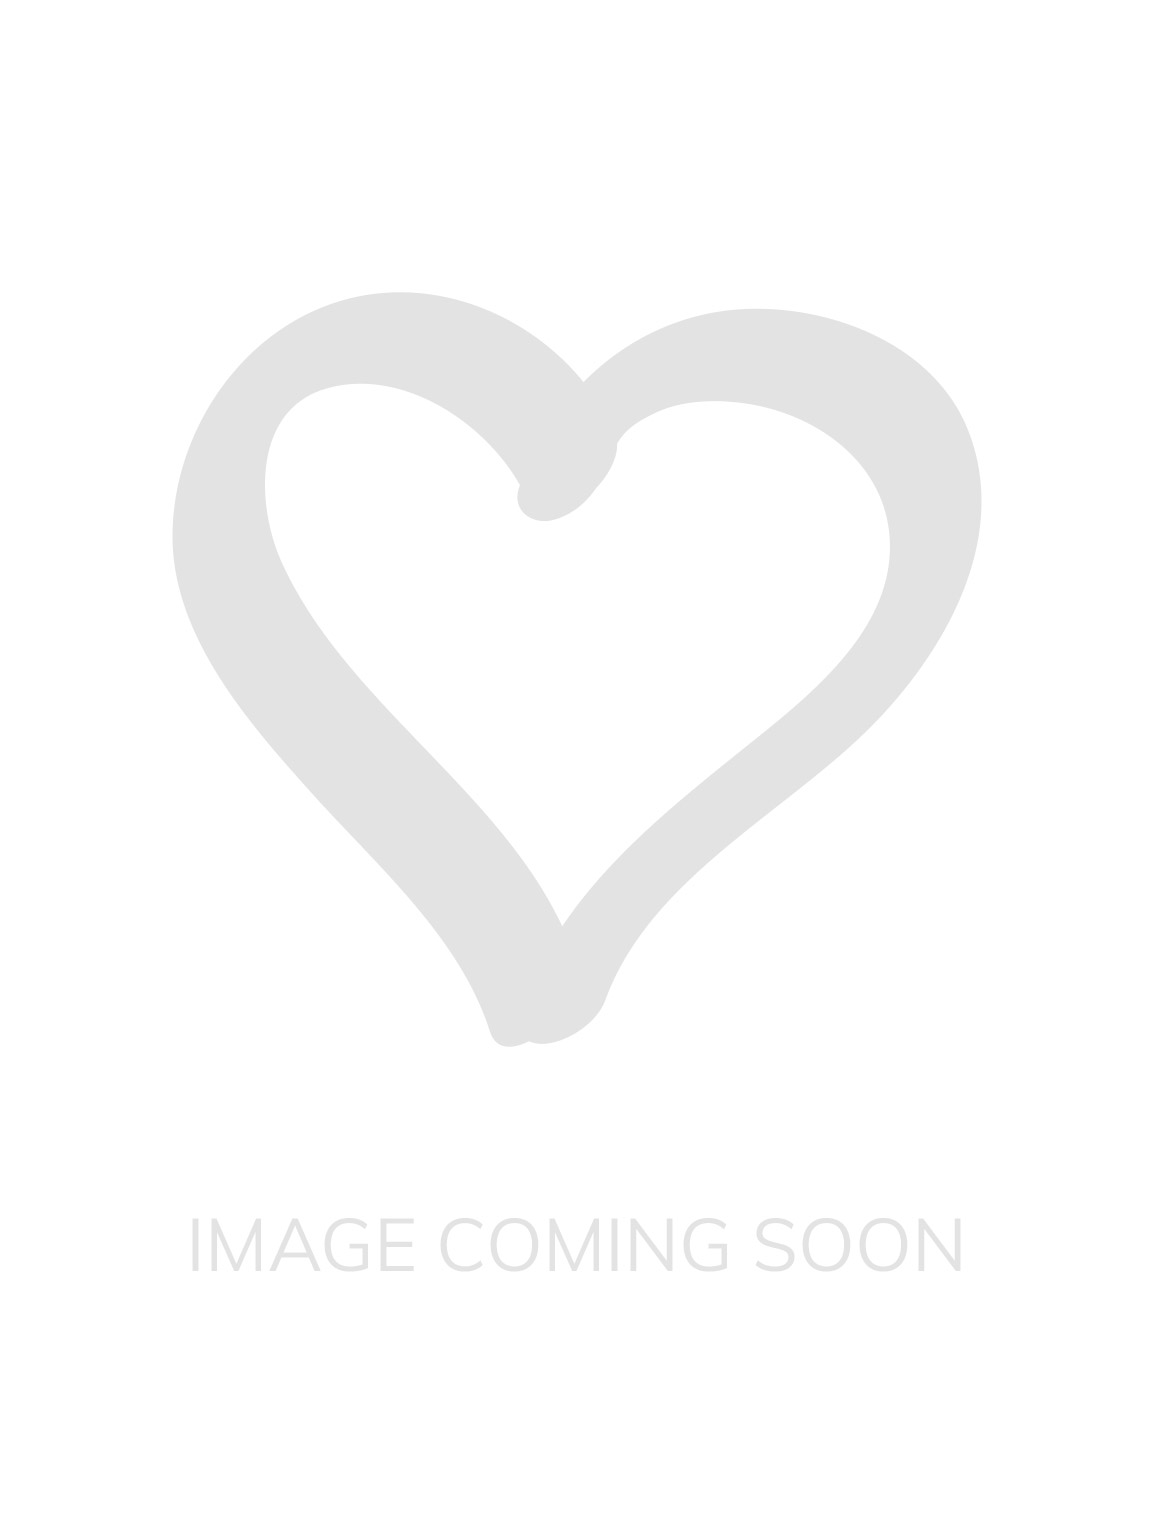 e22d6e577b Bloom Sheer Lace Longline Bra - Black